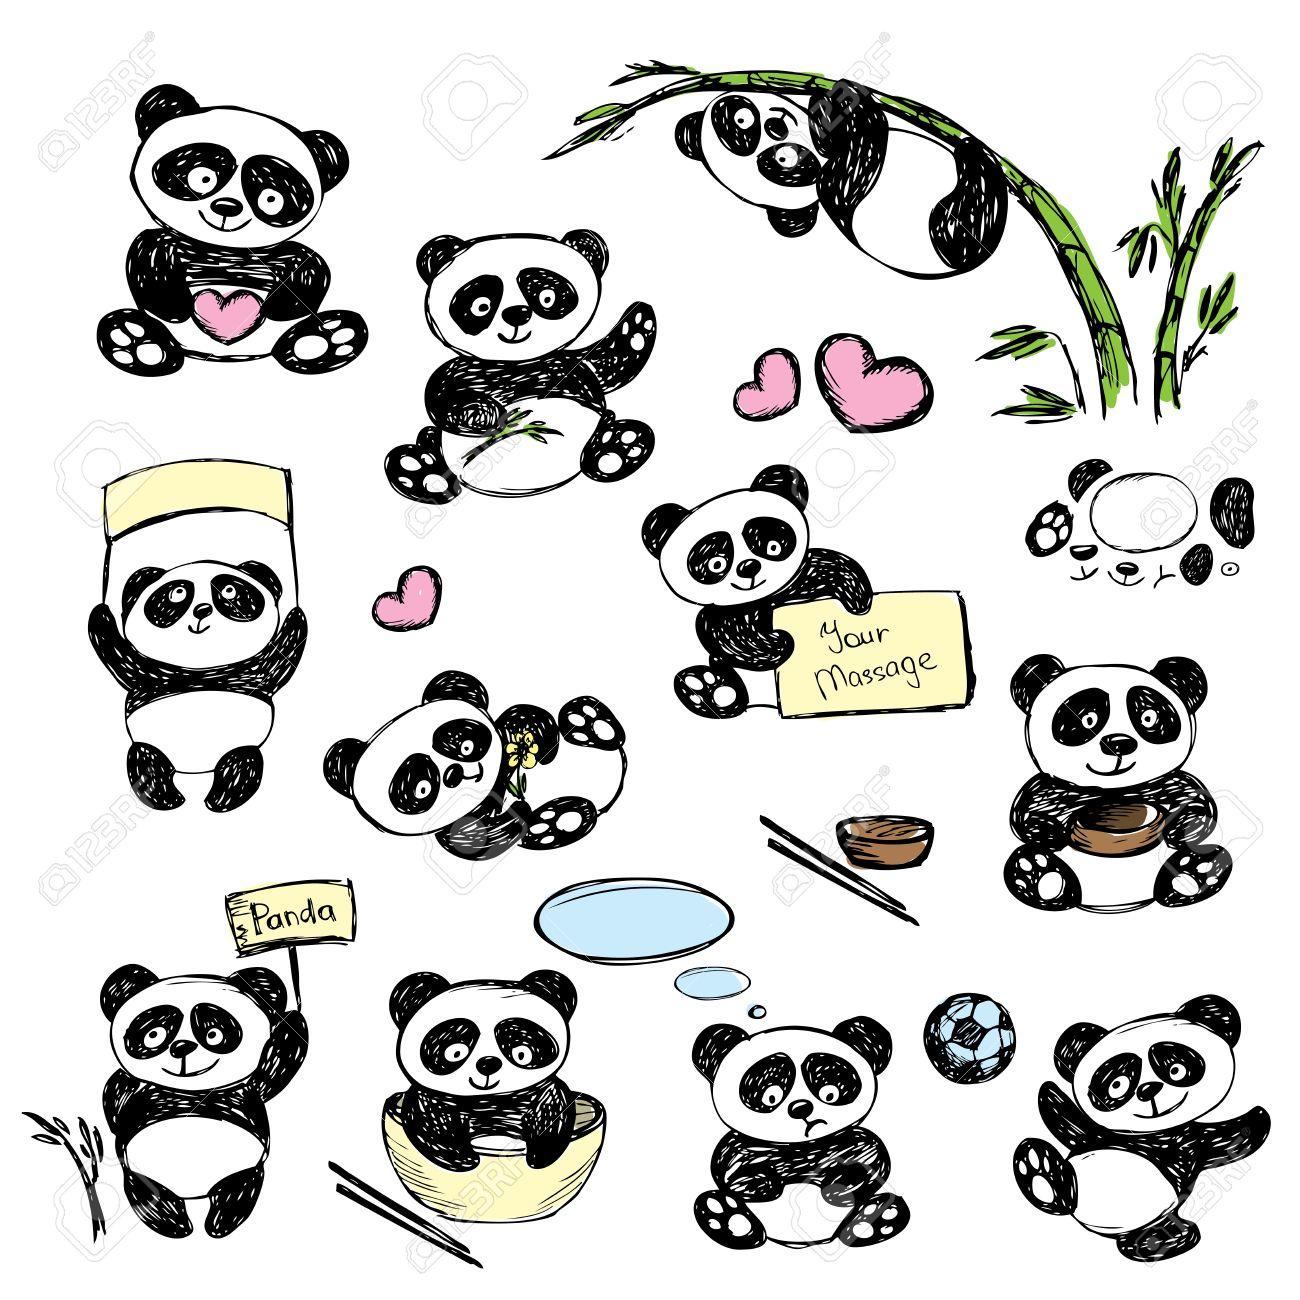 banque dimages rglez cute panda dans diverses poses dessin la main vecteur